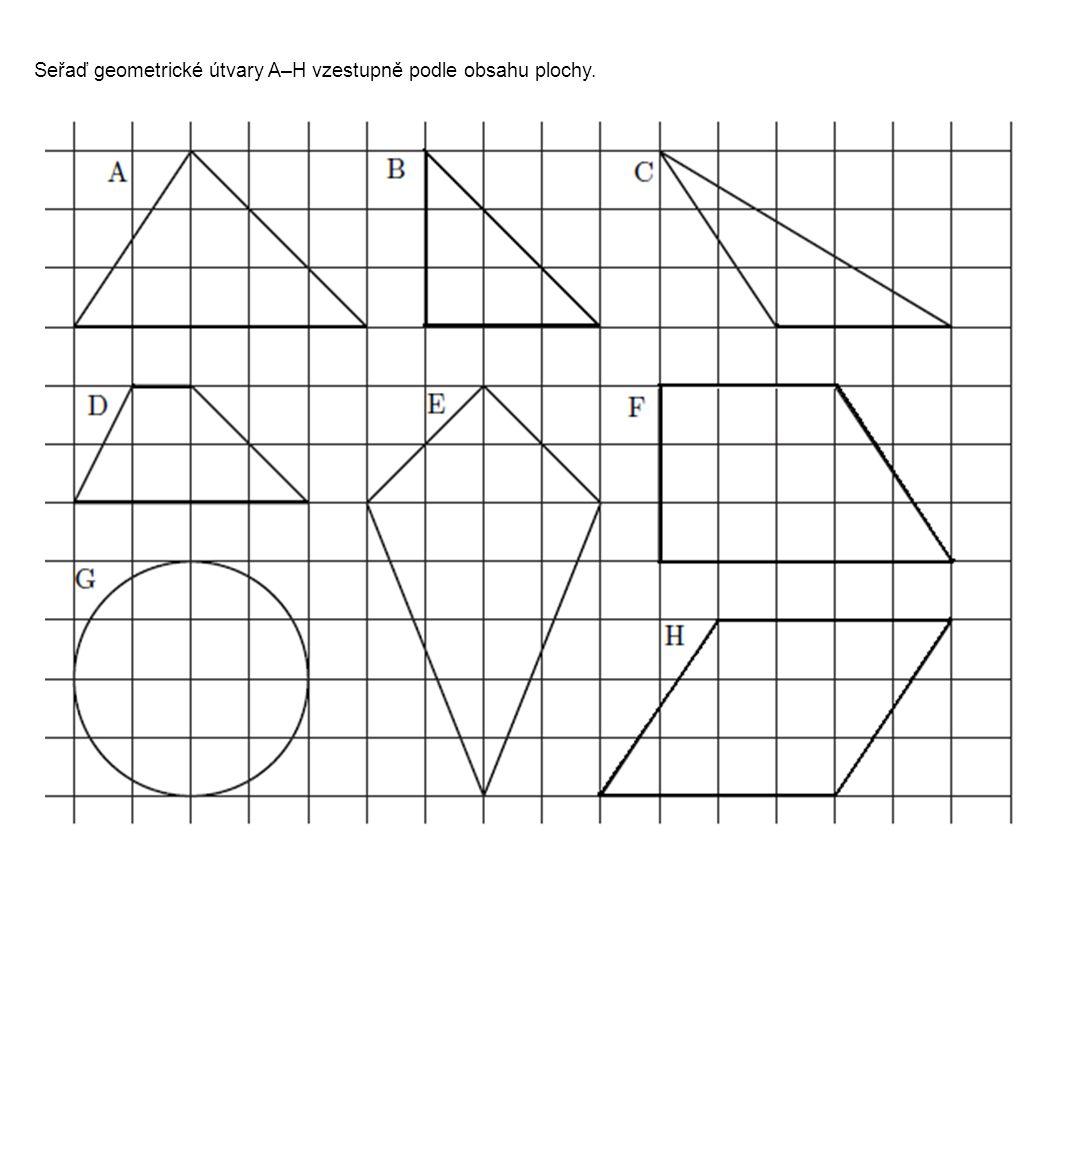 Seřaď geometrické útvary A–H vzestupně podle obsahu plochy.